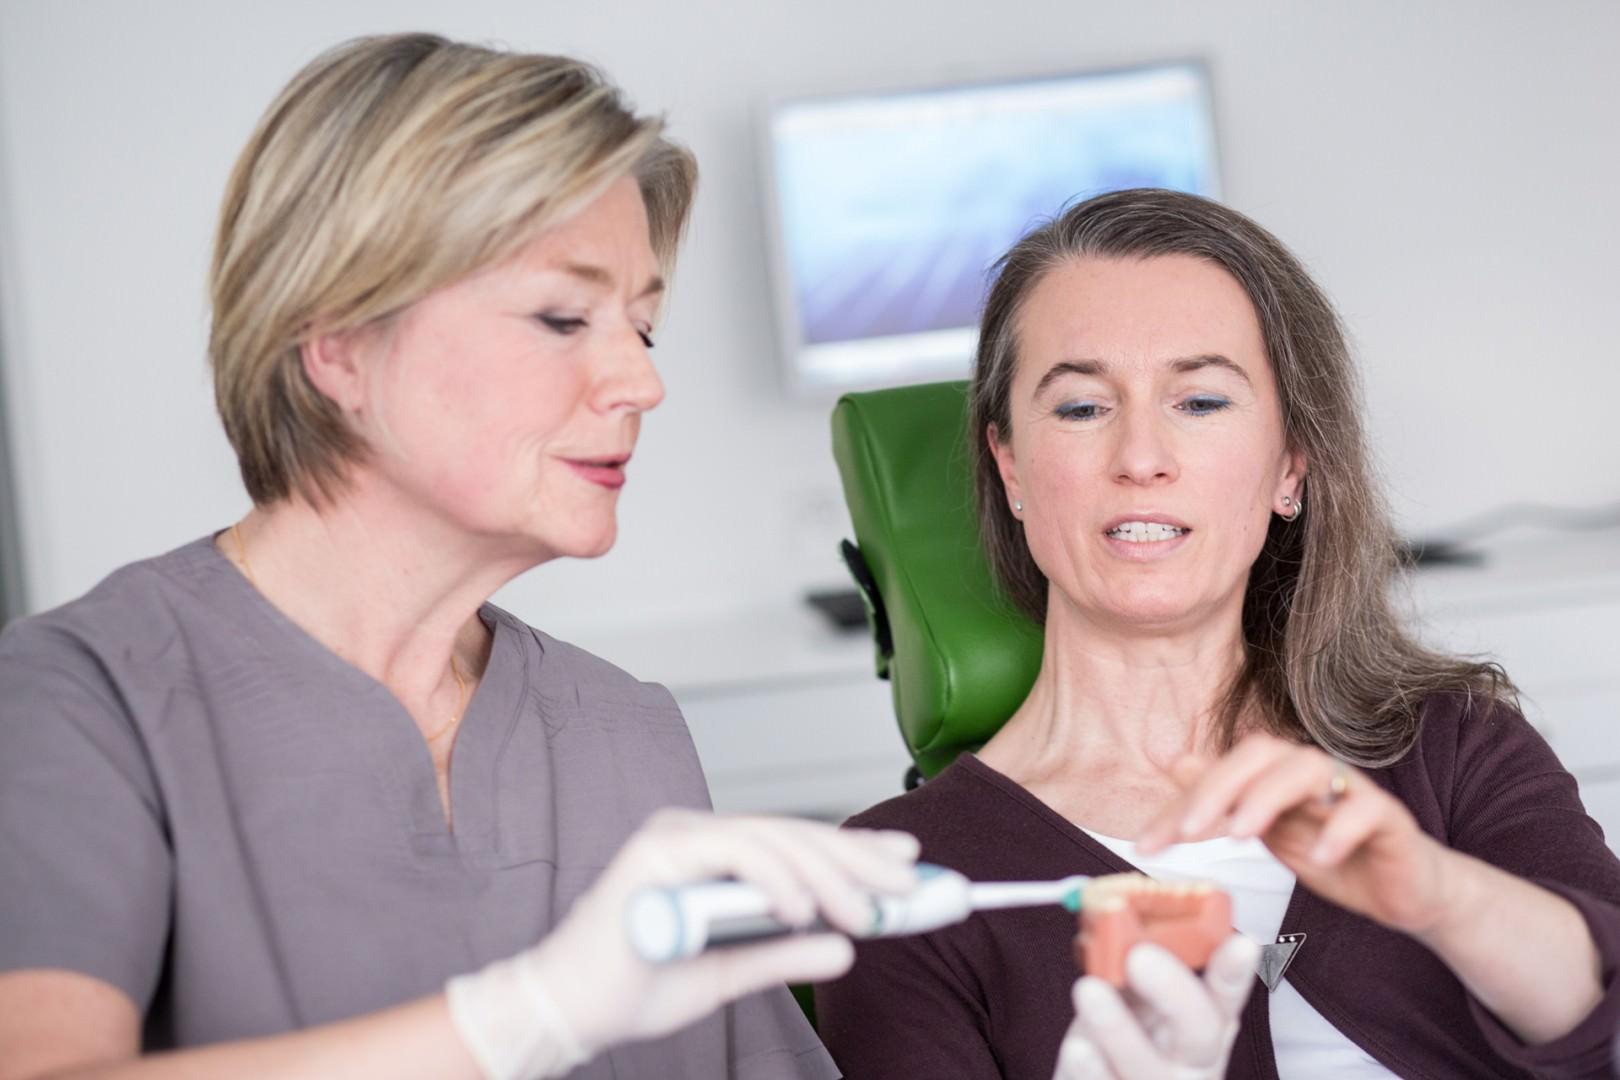 Zahnkultur Köln - Frau Wutzke demonstriert ihrer Patientin die ideale Zahnpflege